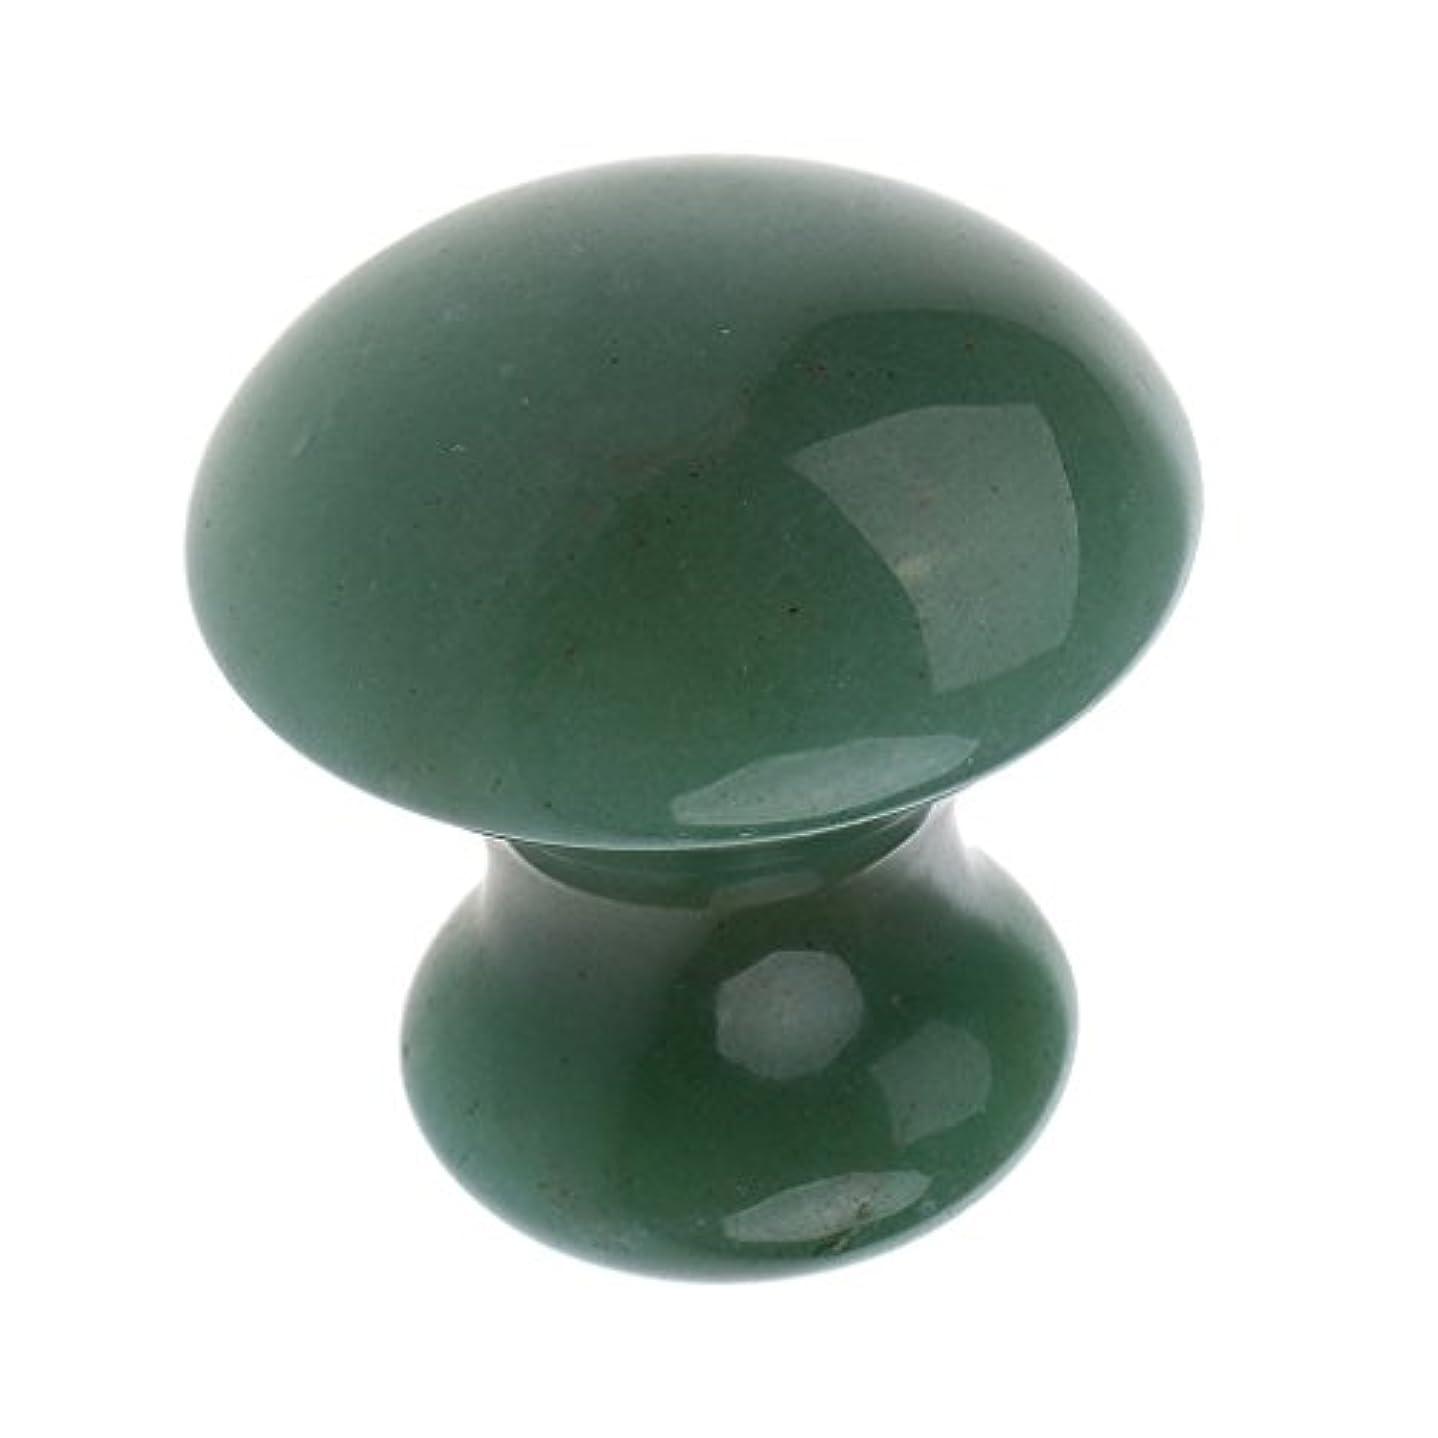 バイオレットパイプライン共和党マッサージストーン マッシュルーム マッサージ石 マッサージ 美容院 スパ SPA 2色選べる - 緑